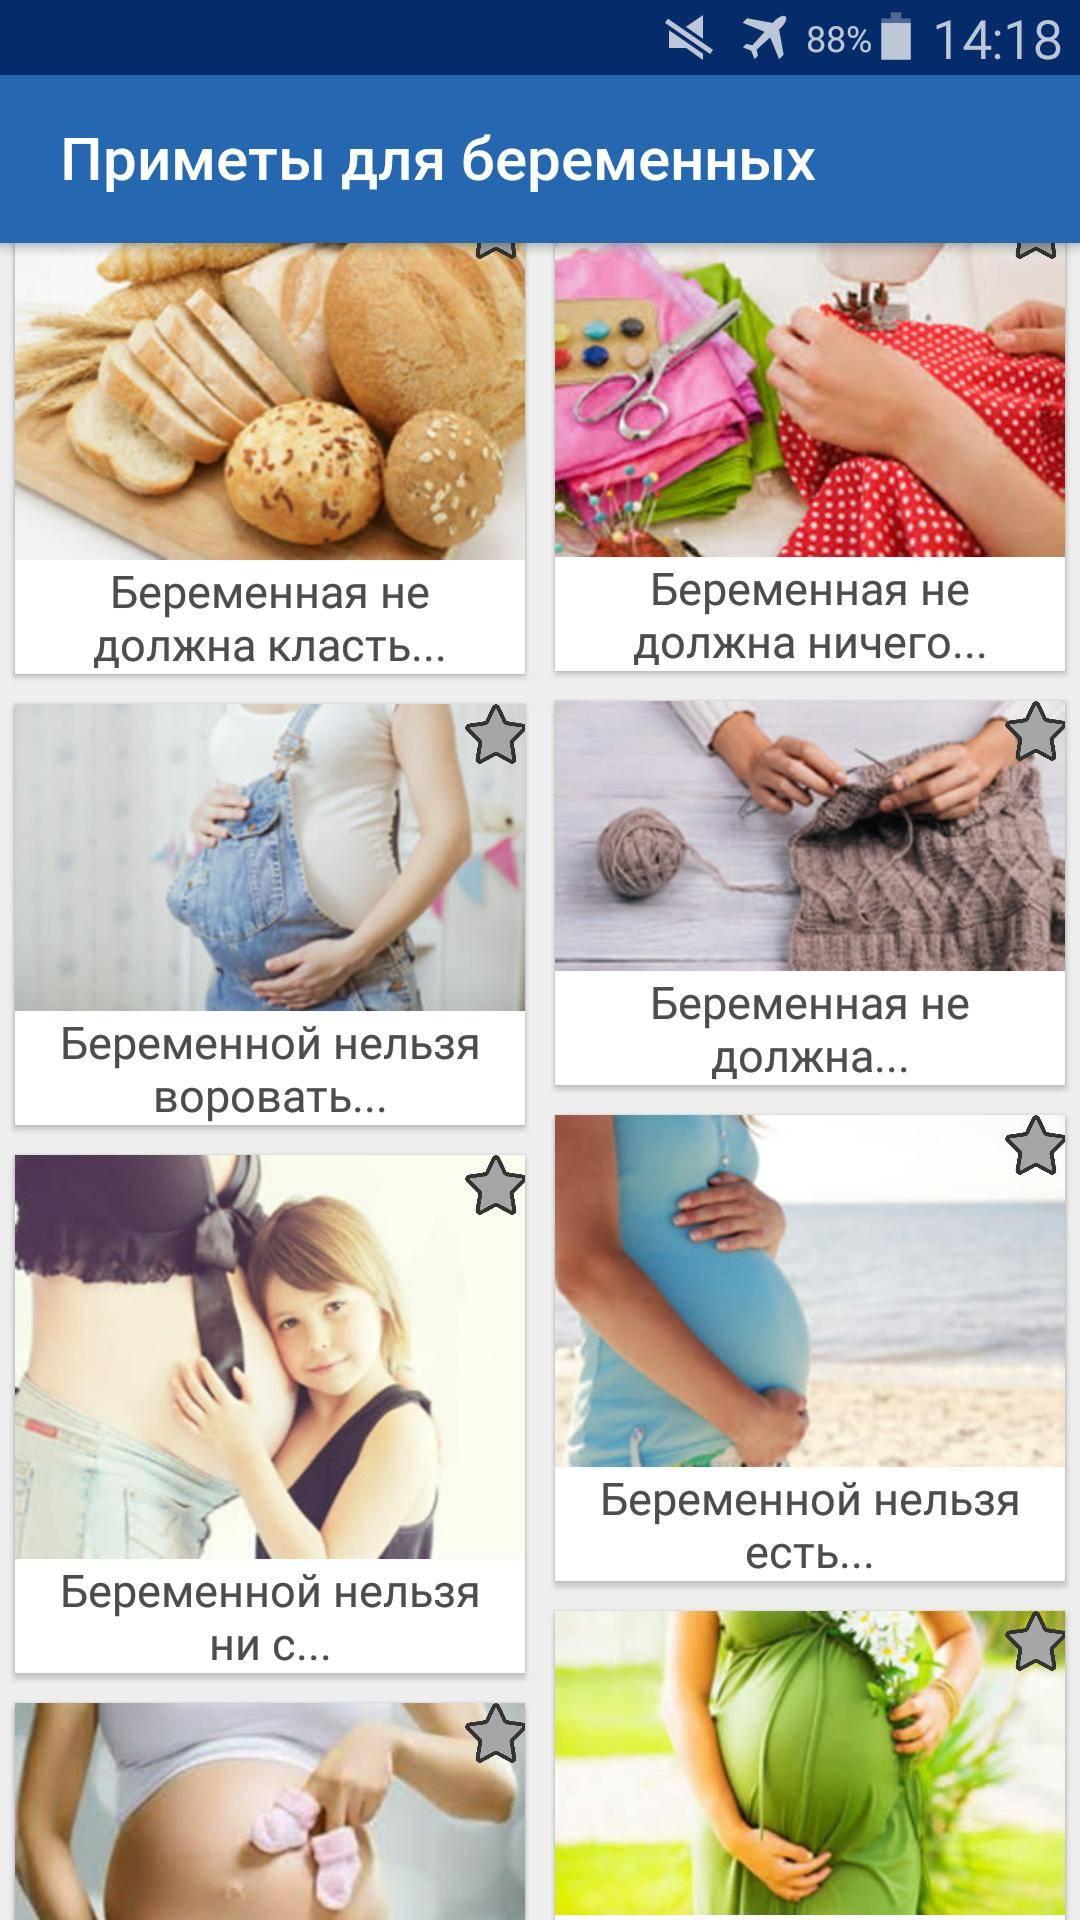 Как узнать пол ребенка при беременности по народным приметам